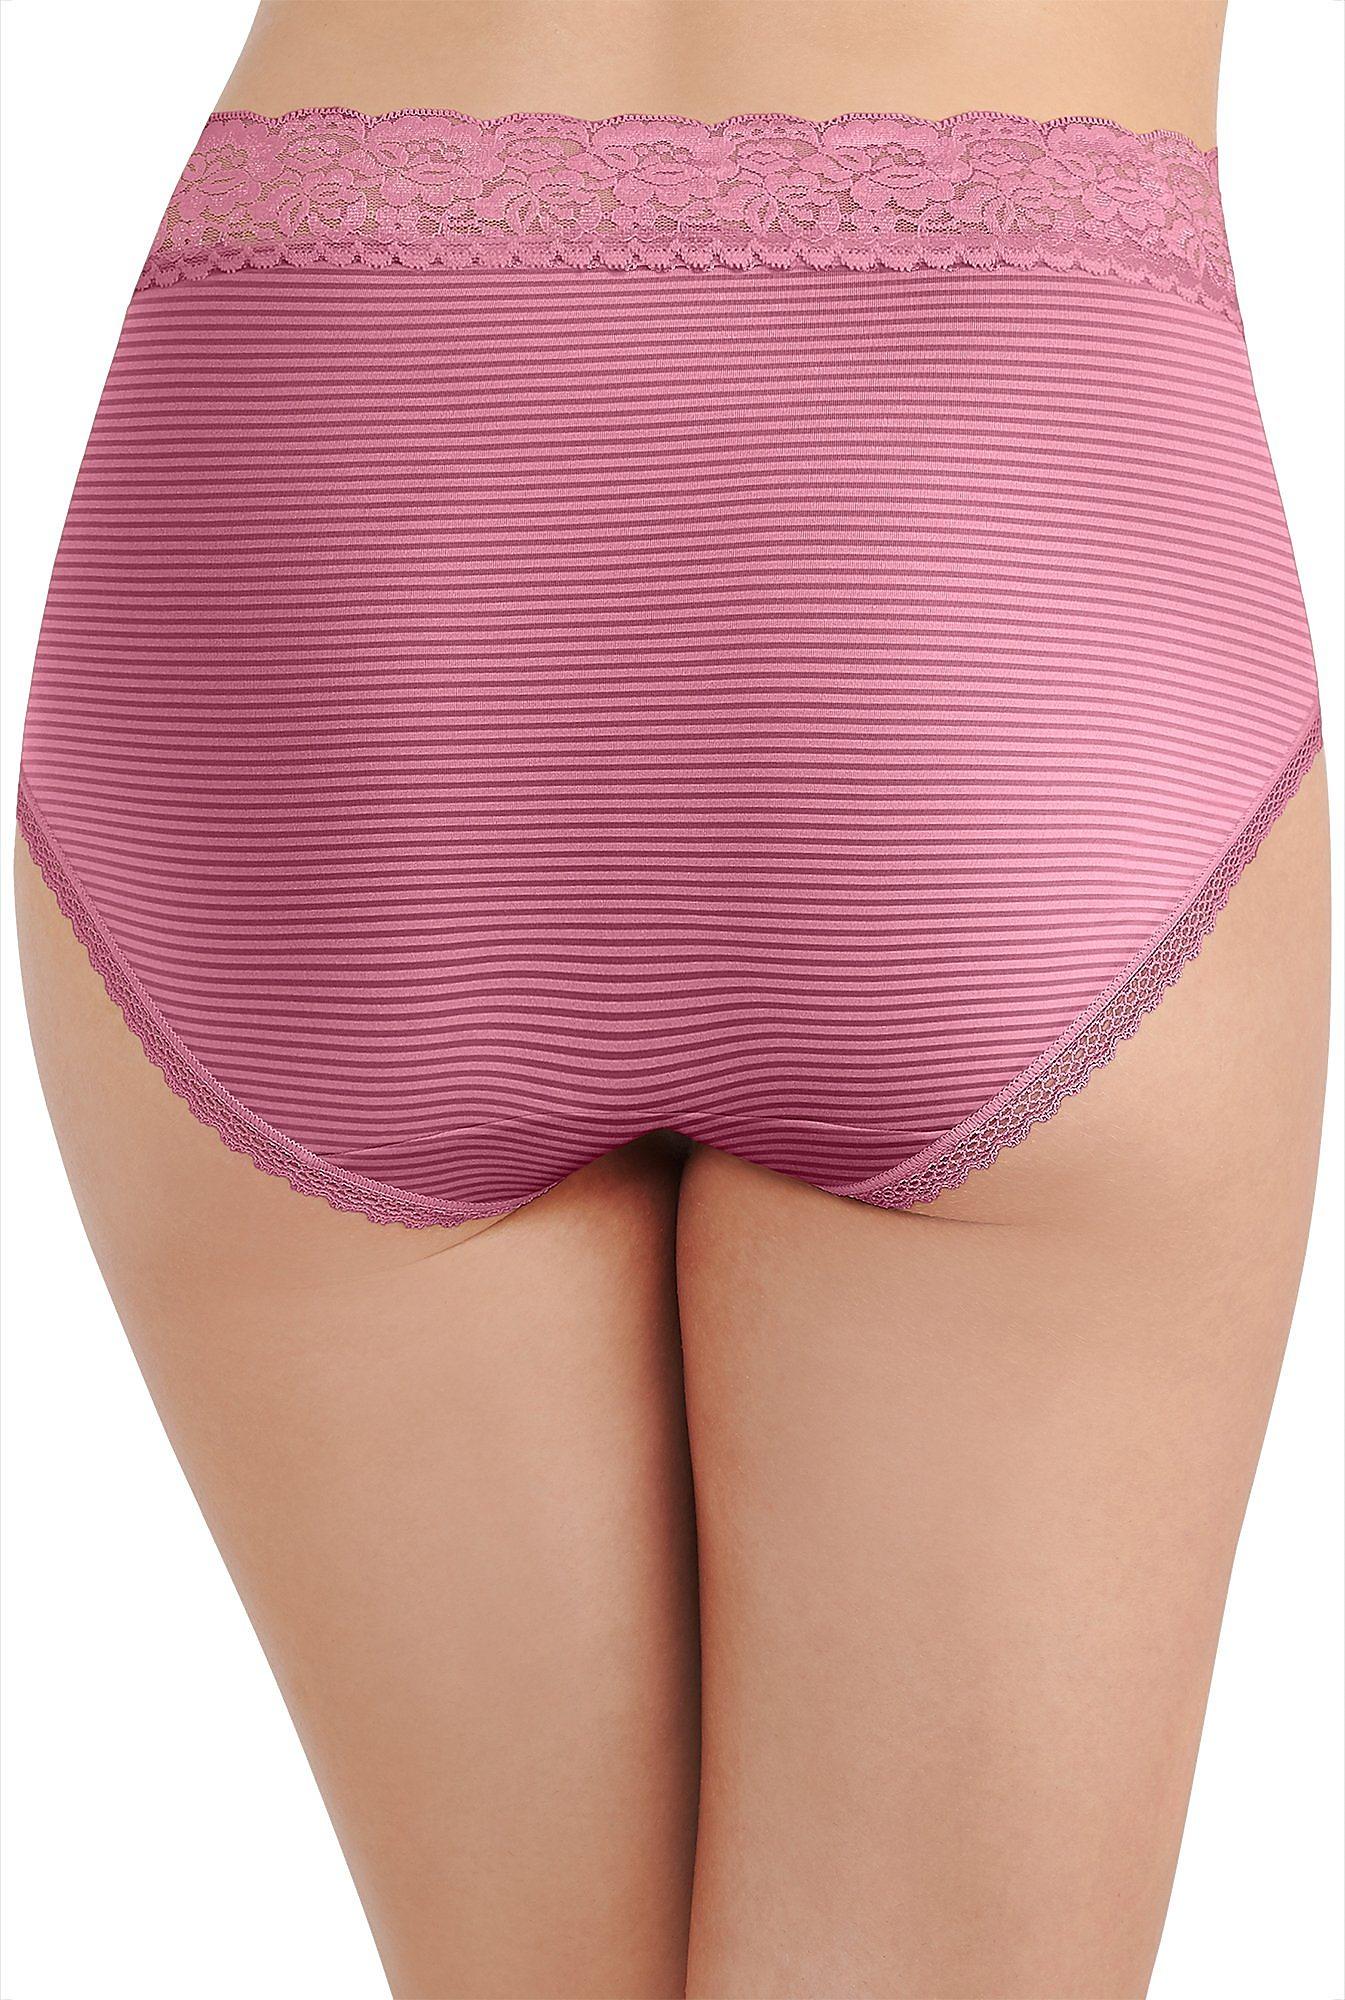 Vanity Fair Flattering Lace Trim Brief Panties 13281 Ebay